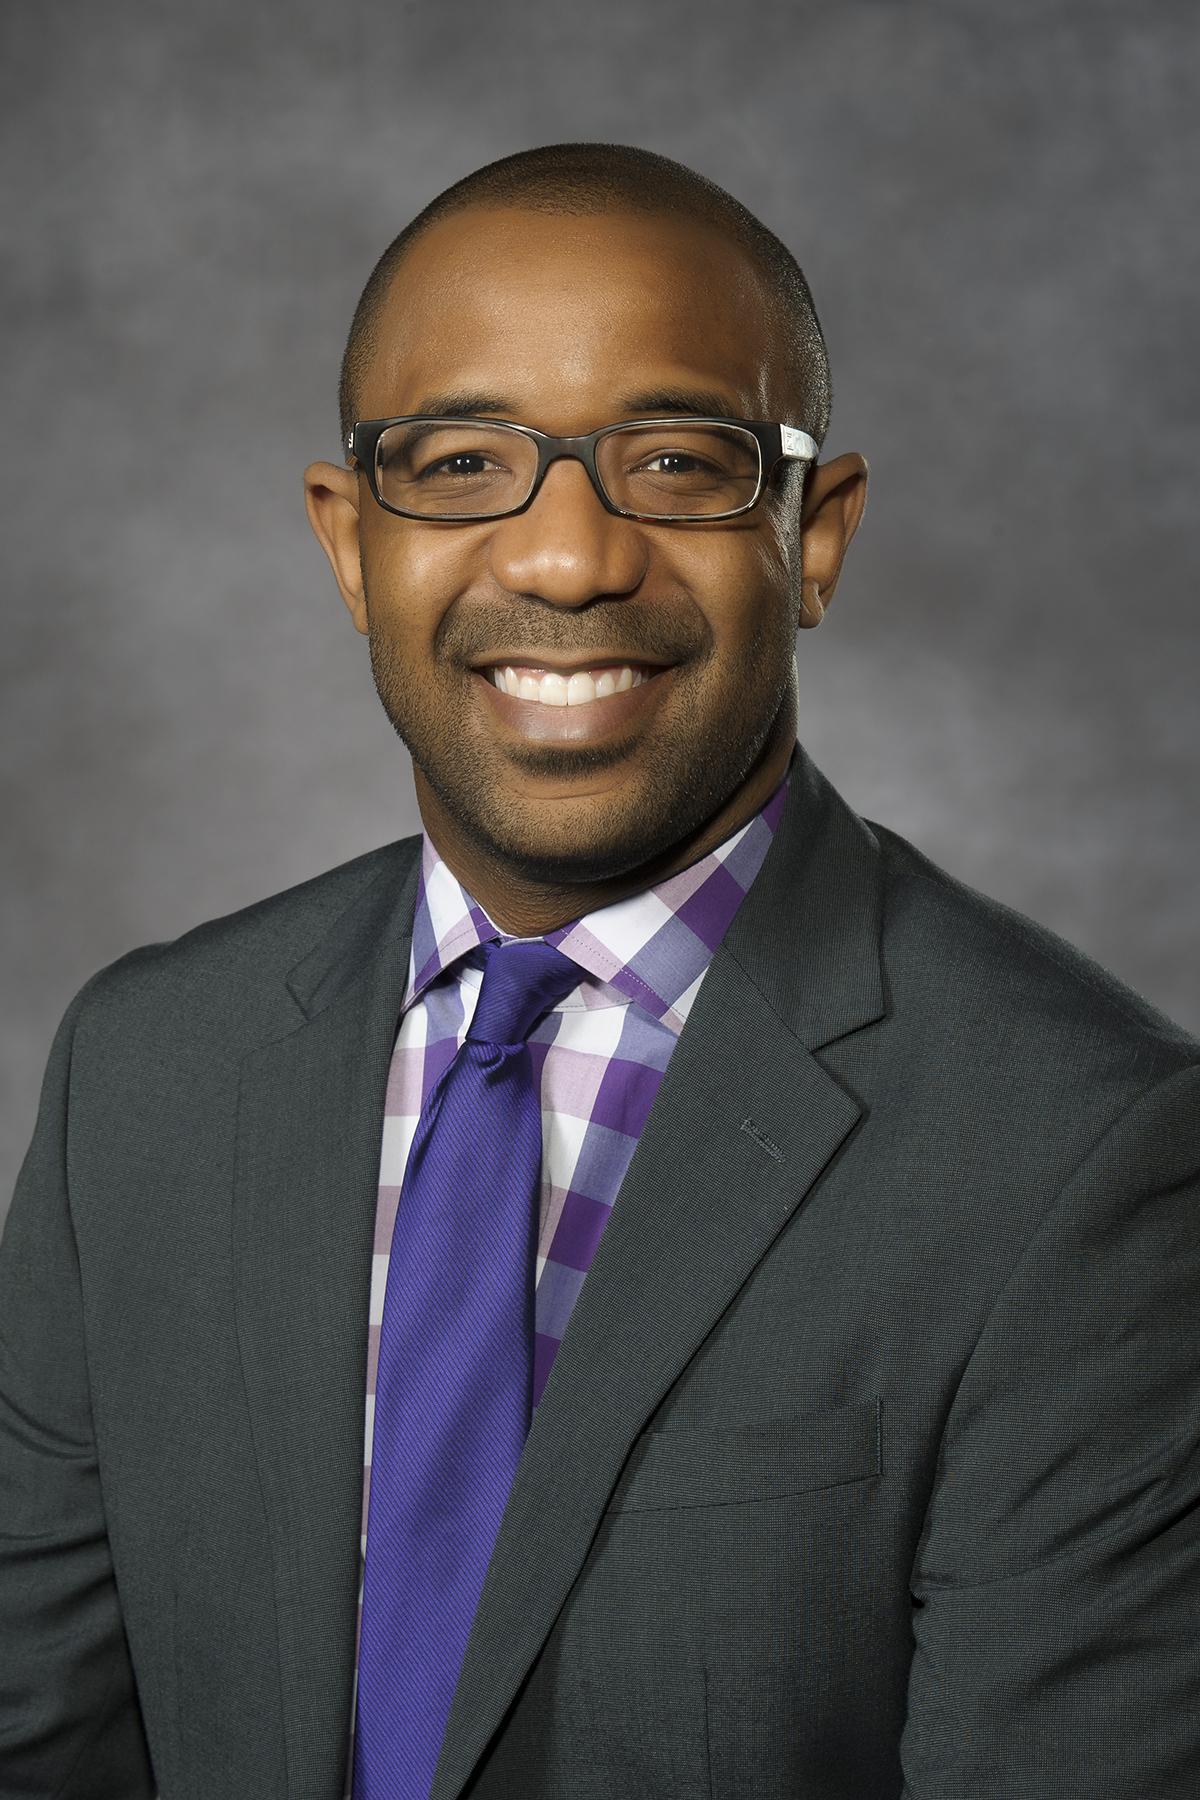 Carlos S. Smith, DDS, MDiv